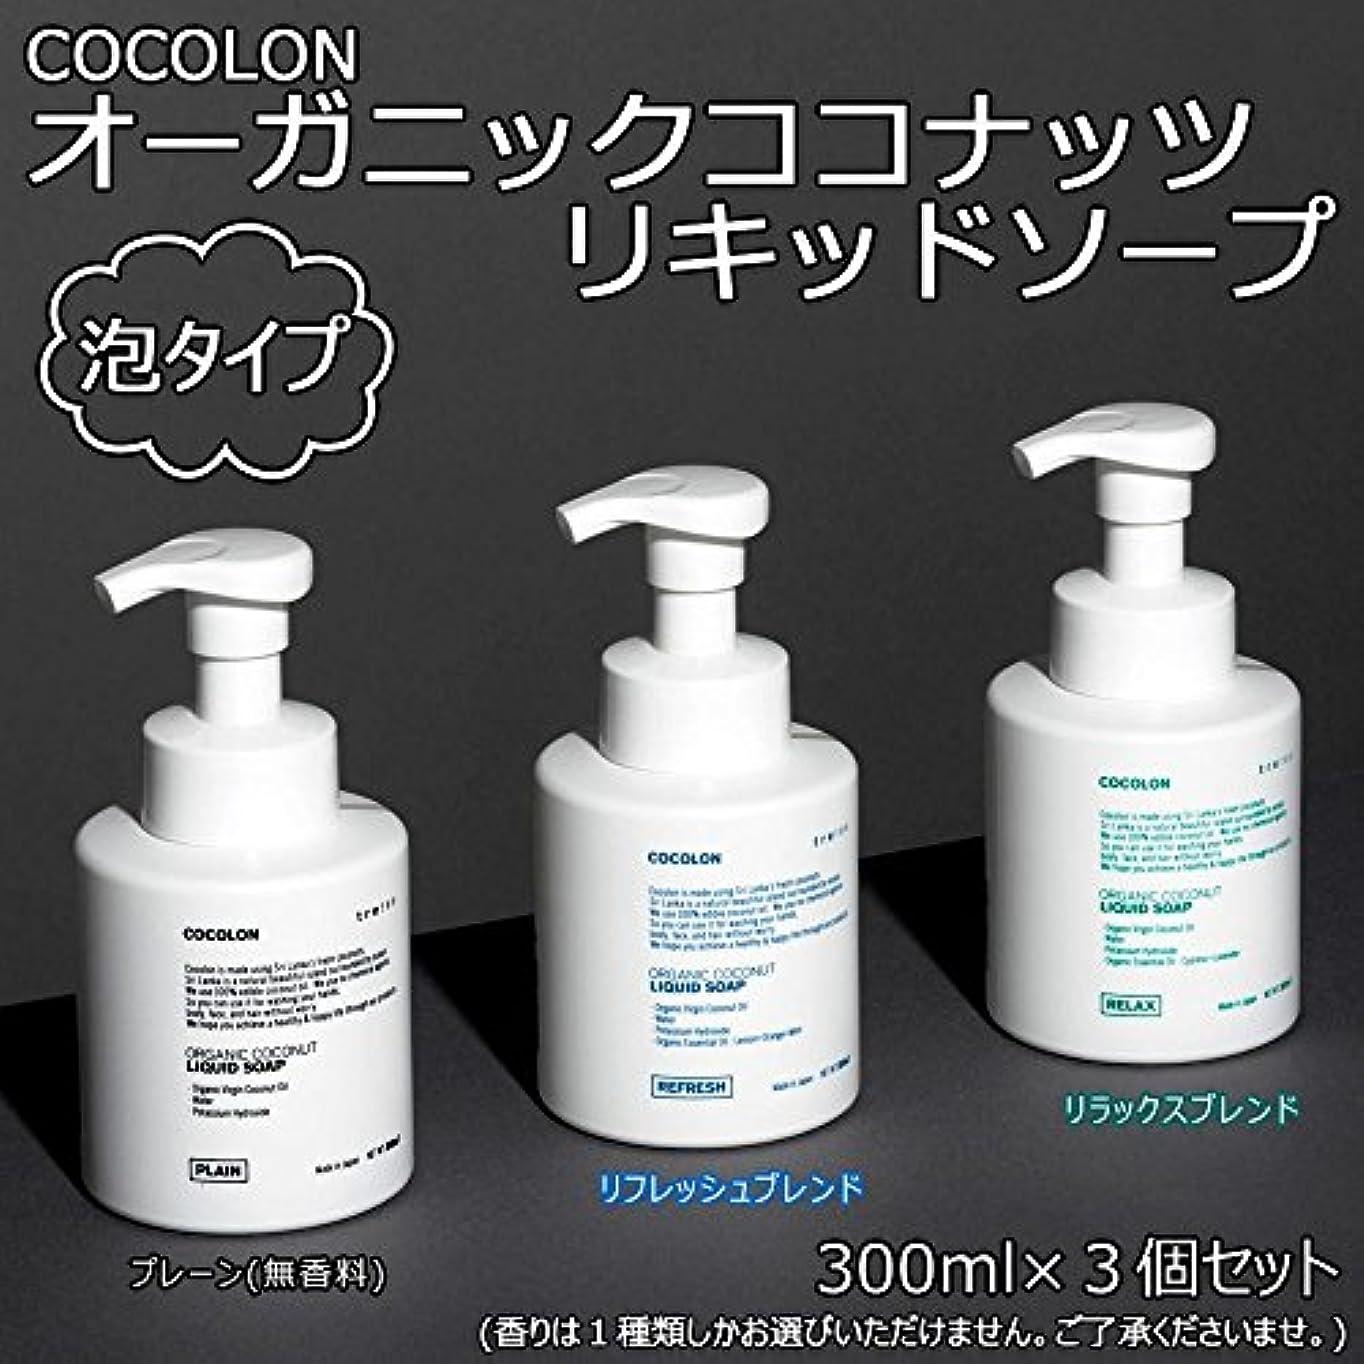 散歩並外れた成熟COCOLON ココロン オーガニックココナッツリキッドソープ 泡タイプ 300ml 3個セット【同梱?代引不可】 ■3種類の内「リフレッシュブレンド」のみです